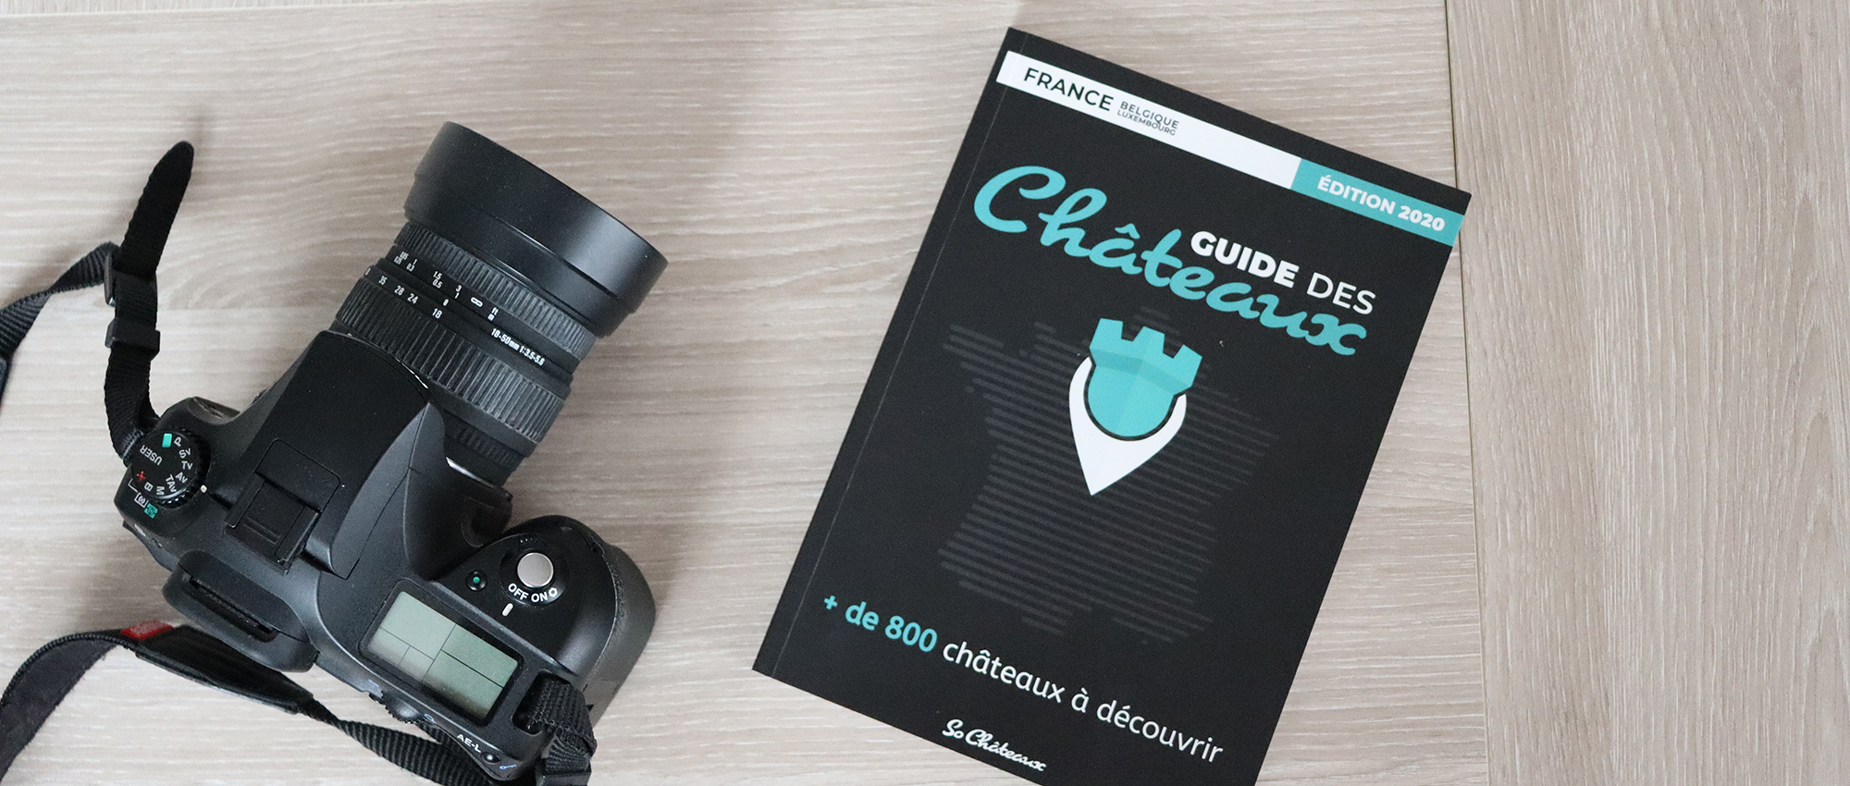 Livre Guide des Châteaux 2020 So-Châteaux